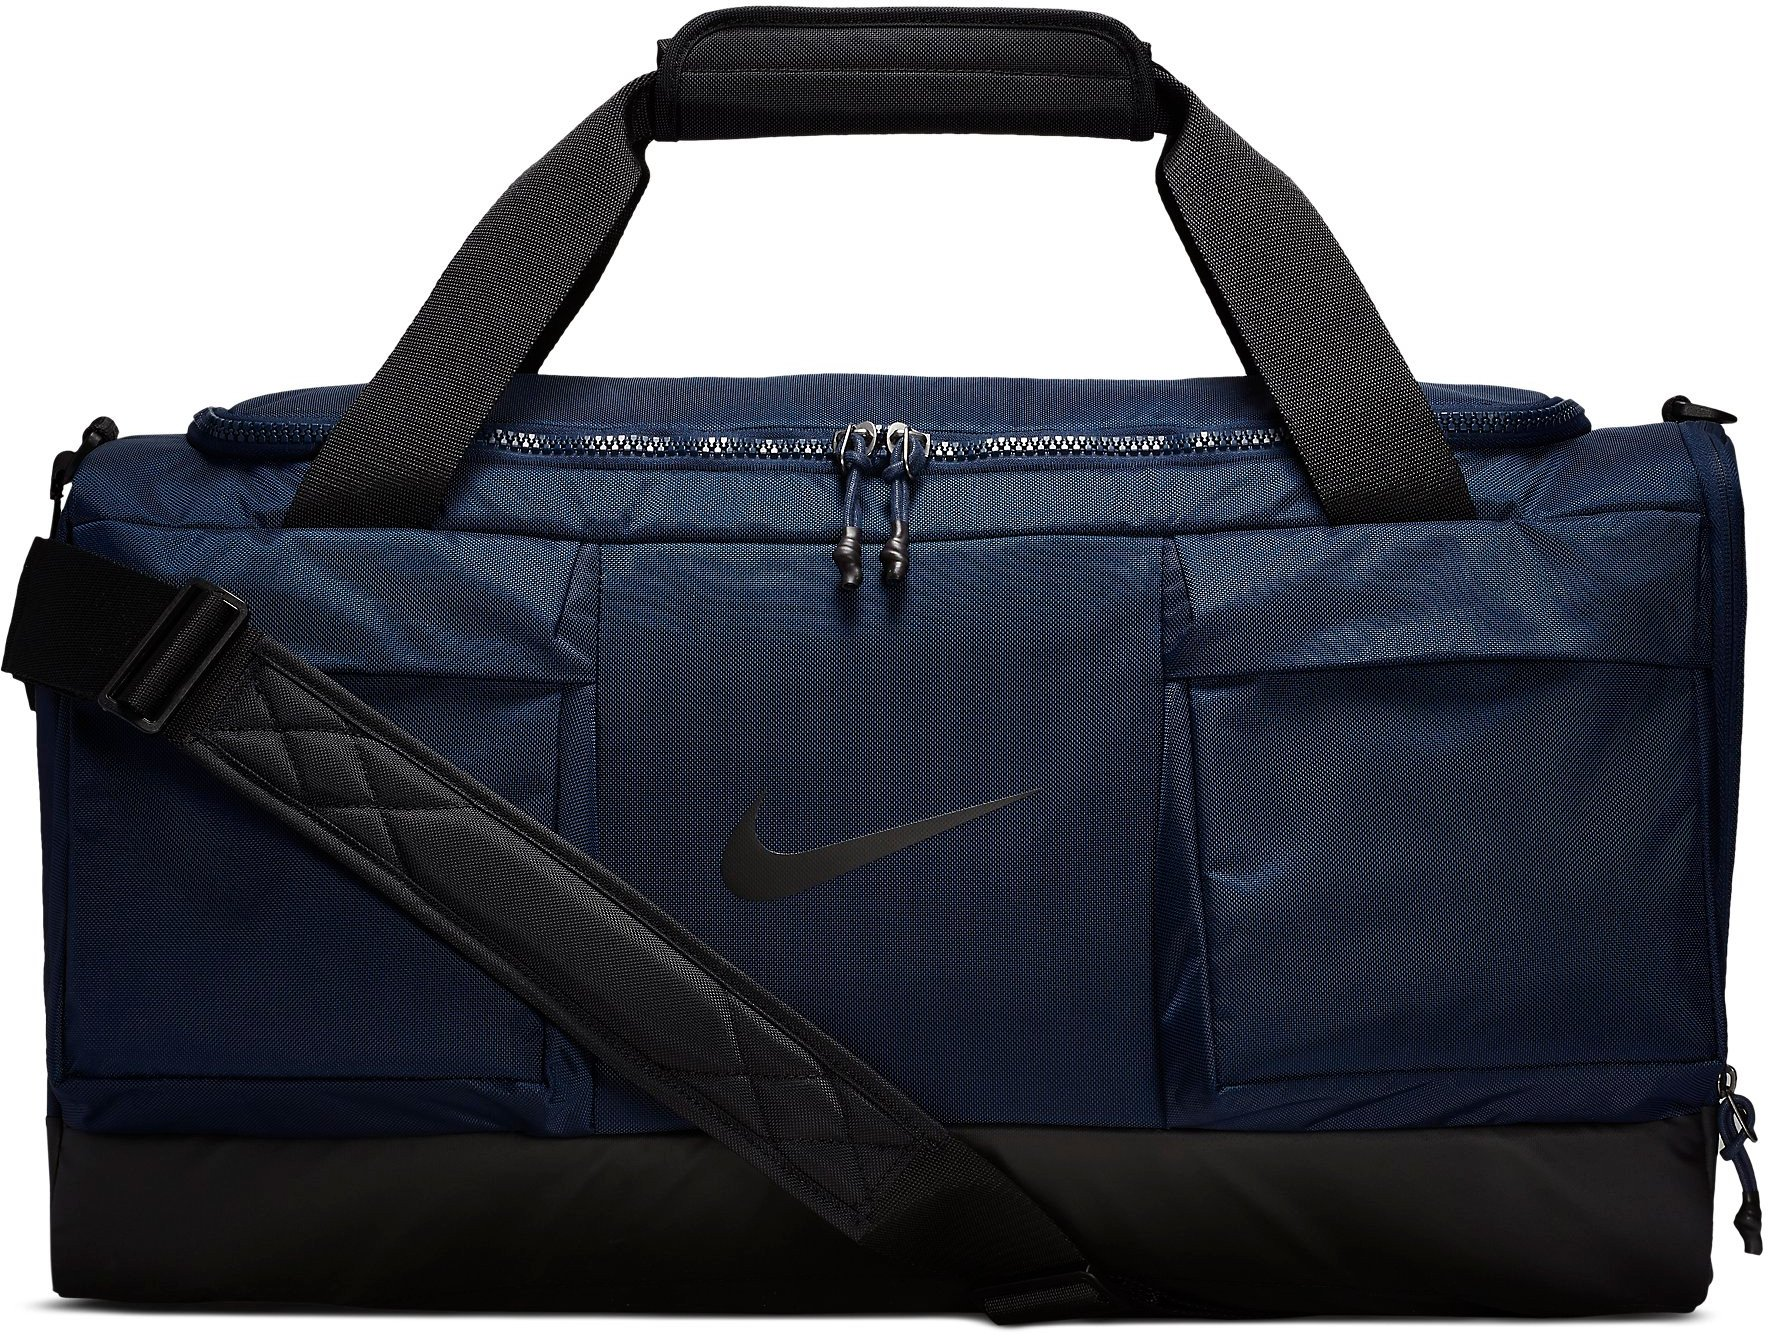 Taška Nike NK VPR POWER M DUFF ba5542-410 - Glami.cz 8eb82aef2c5